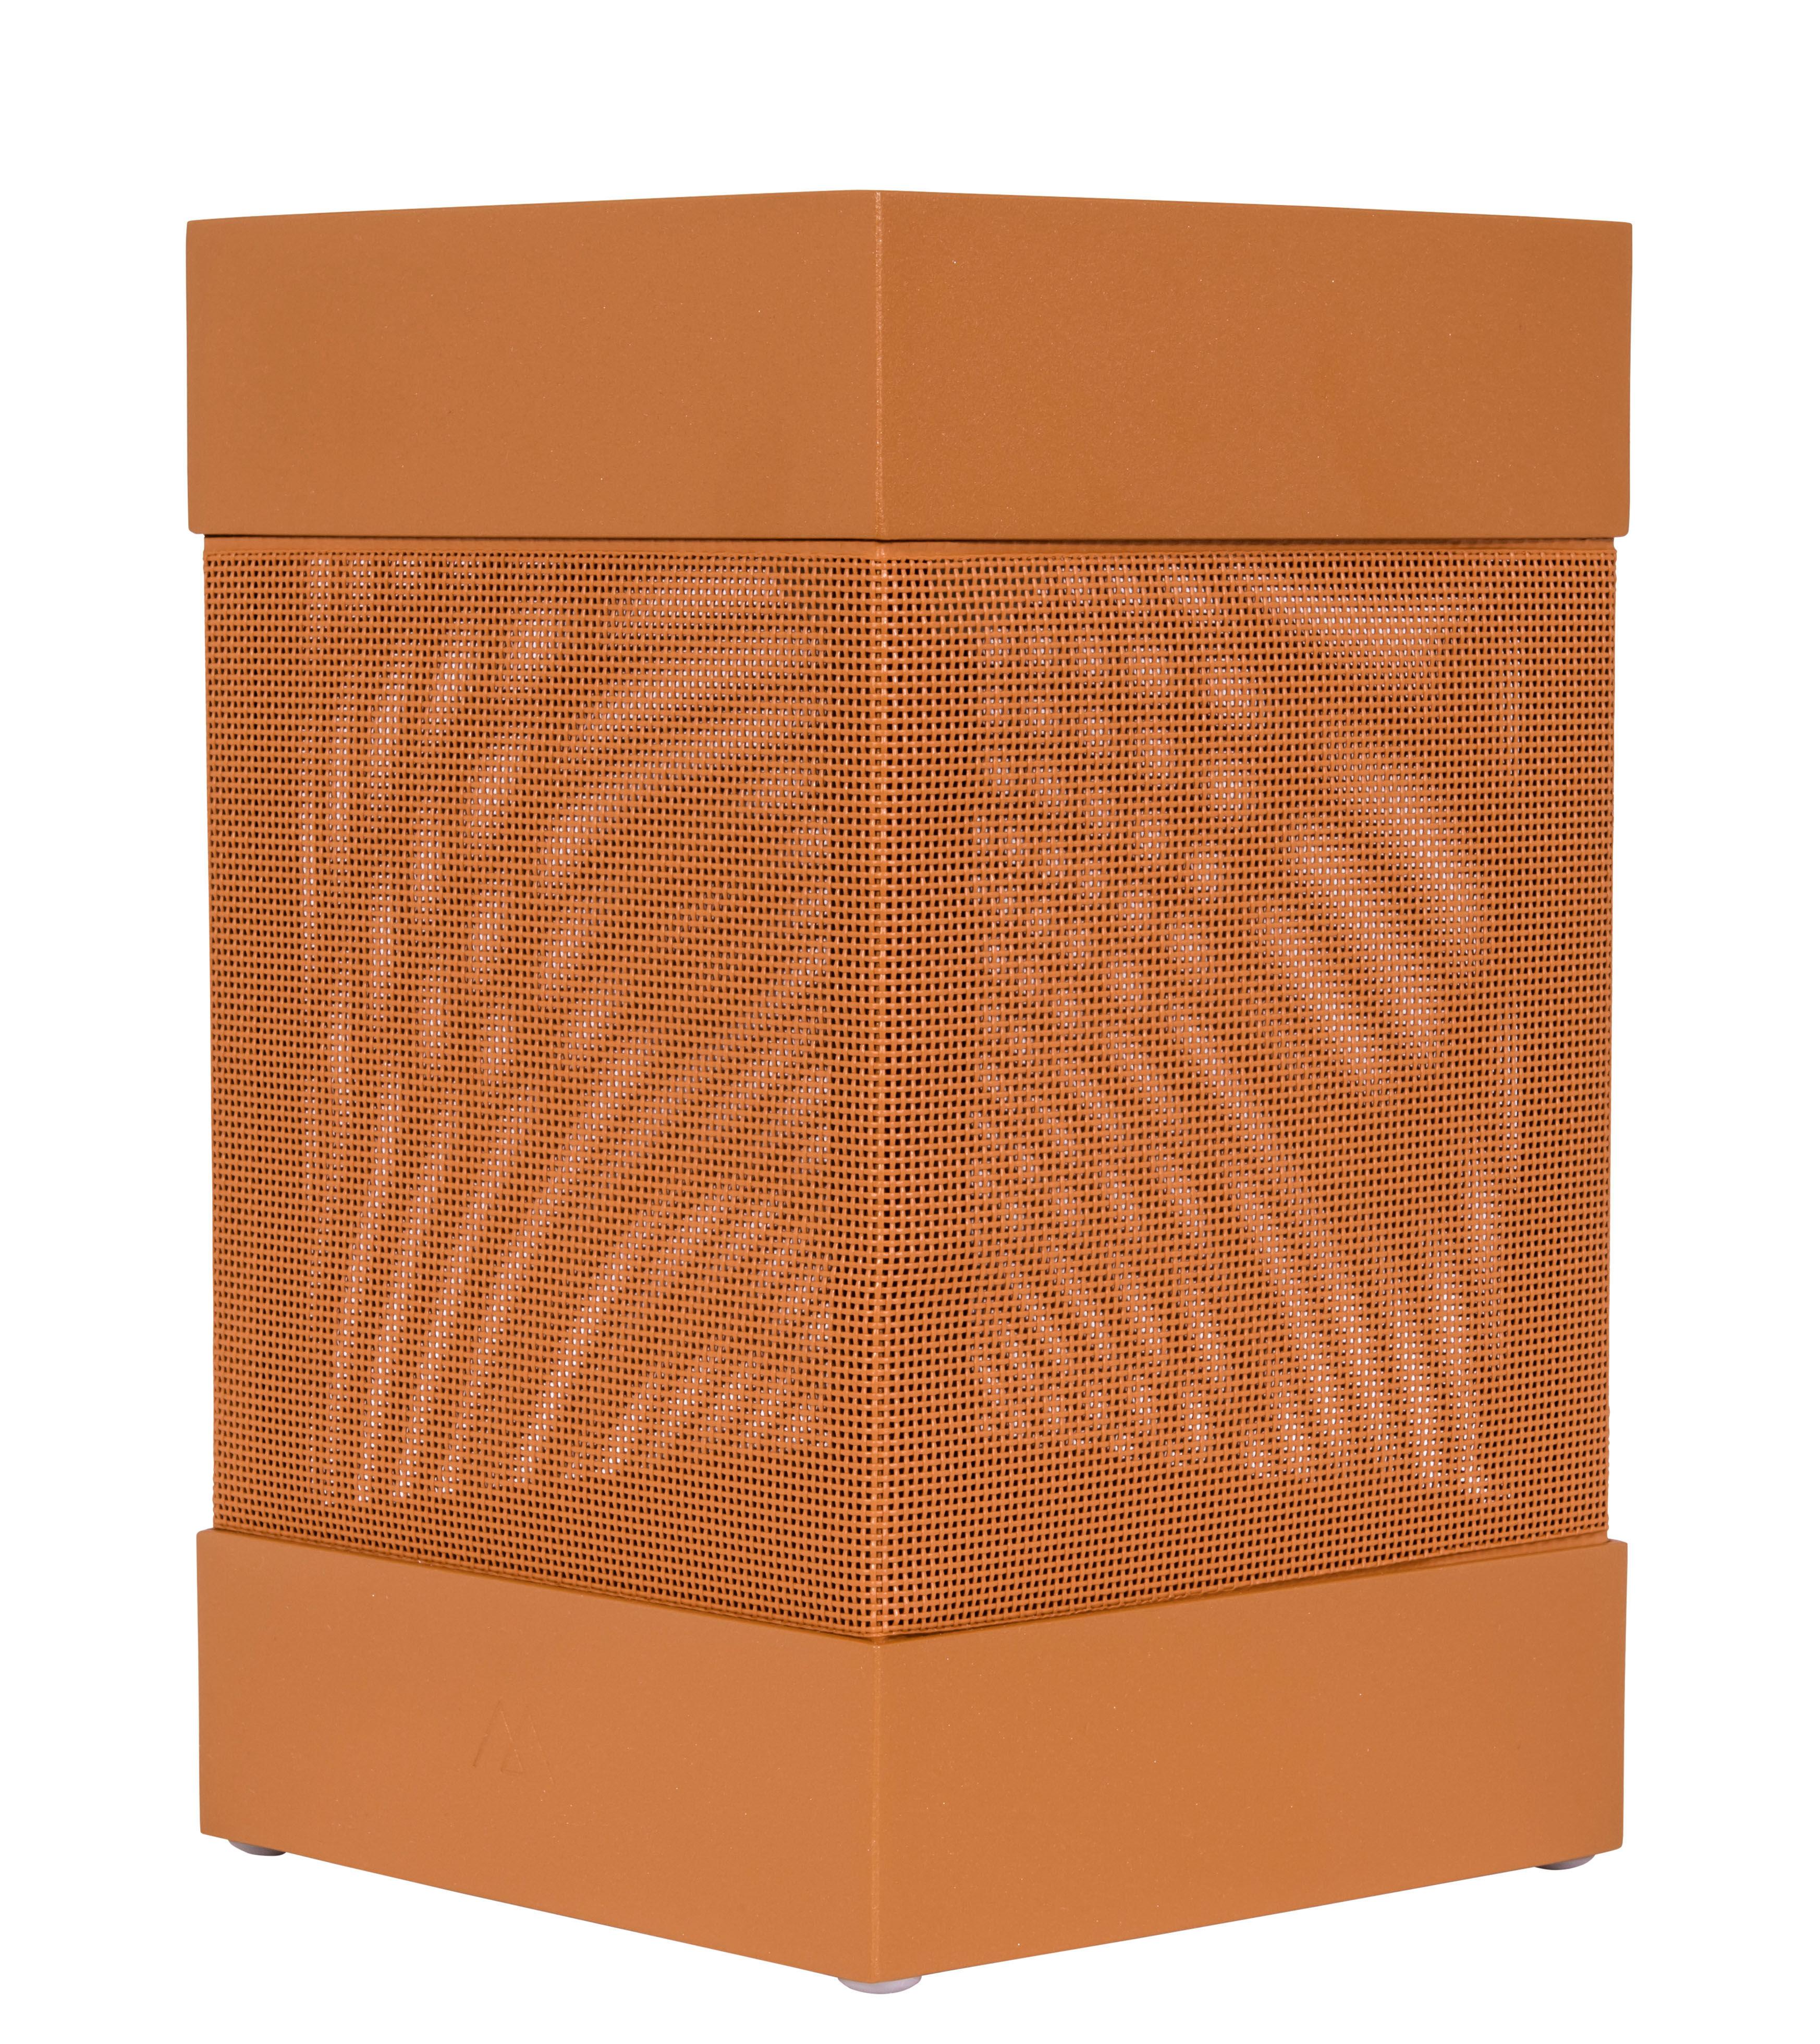 la lampe pose 03 solar lamp saffron by maiori. Black Bedroom Furniture Sets. Home Design Ideas